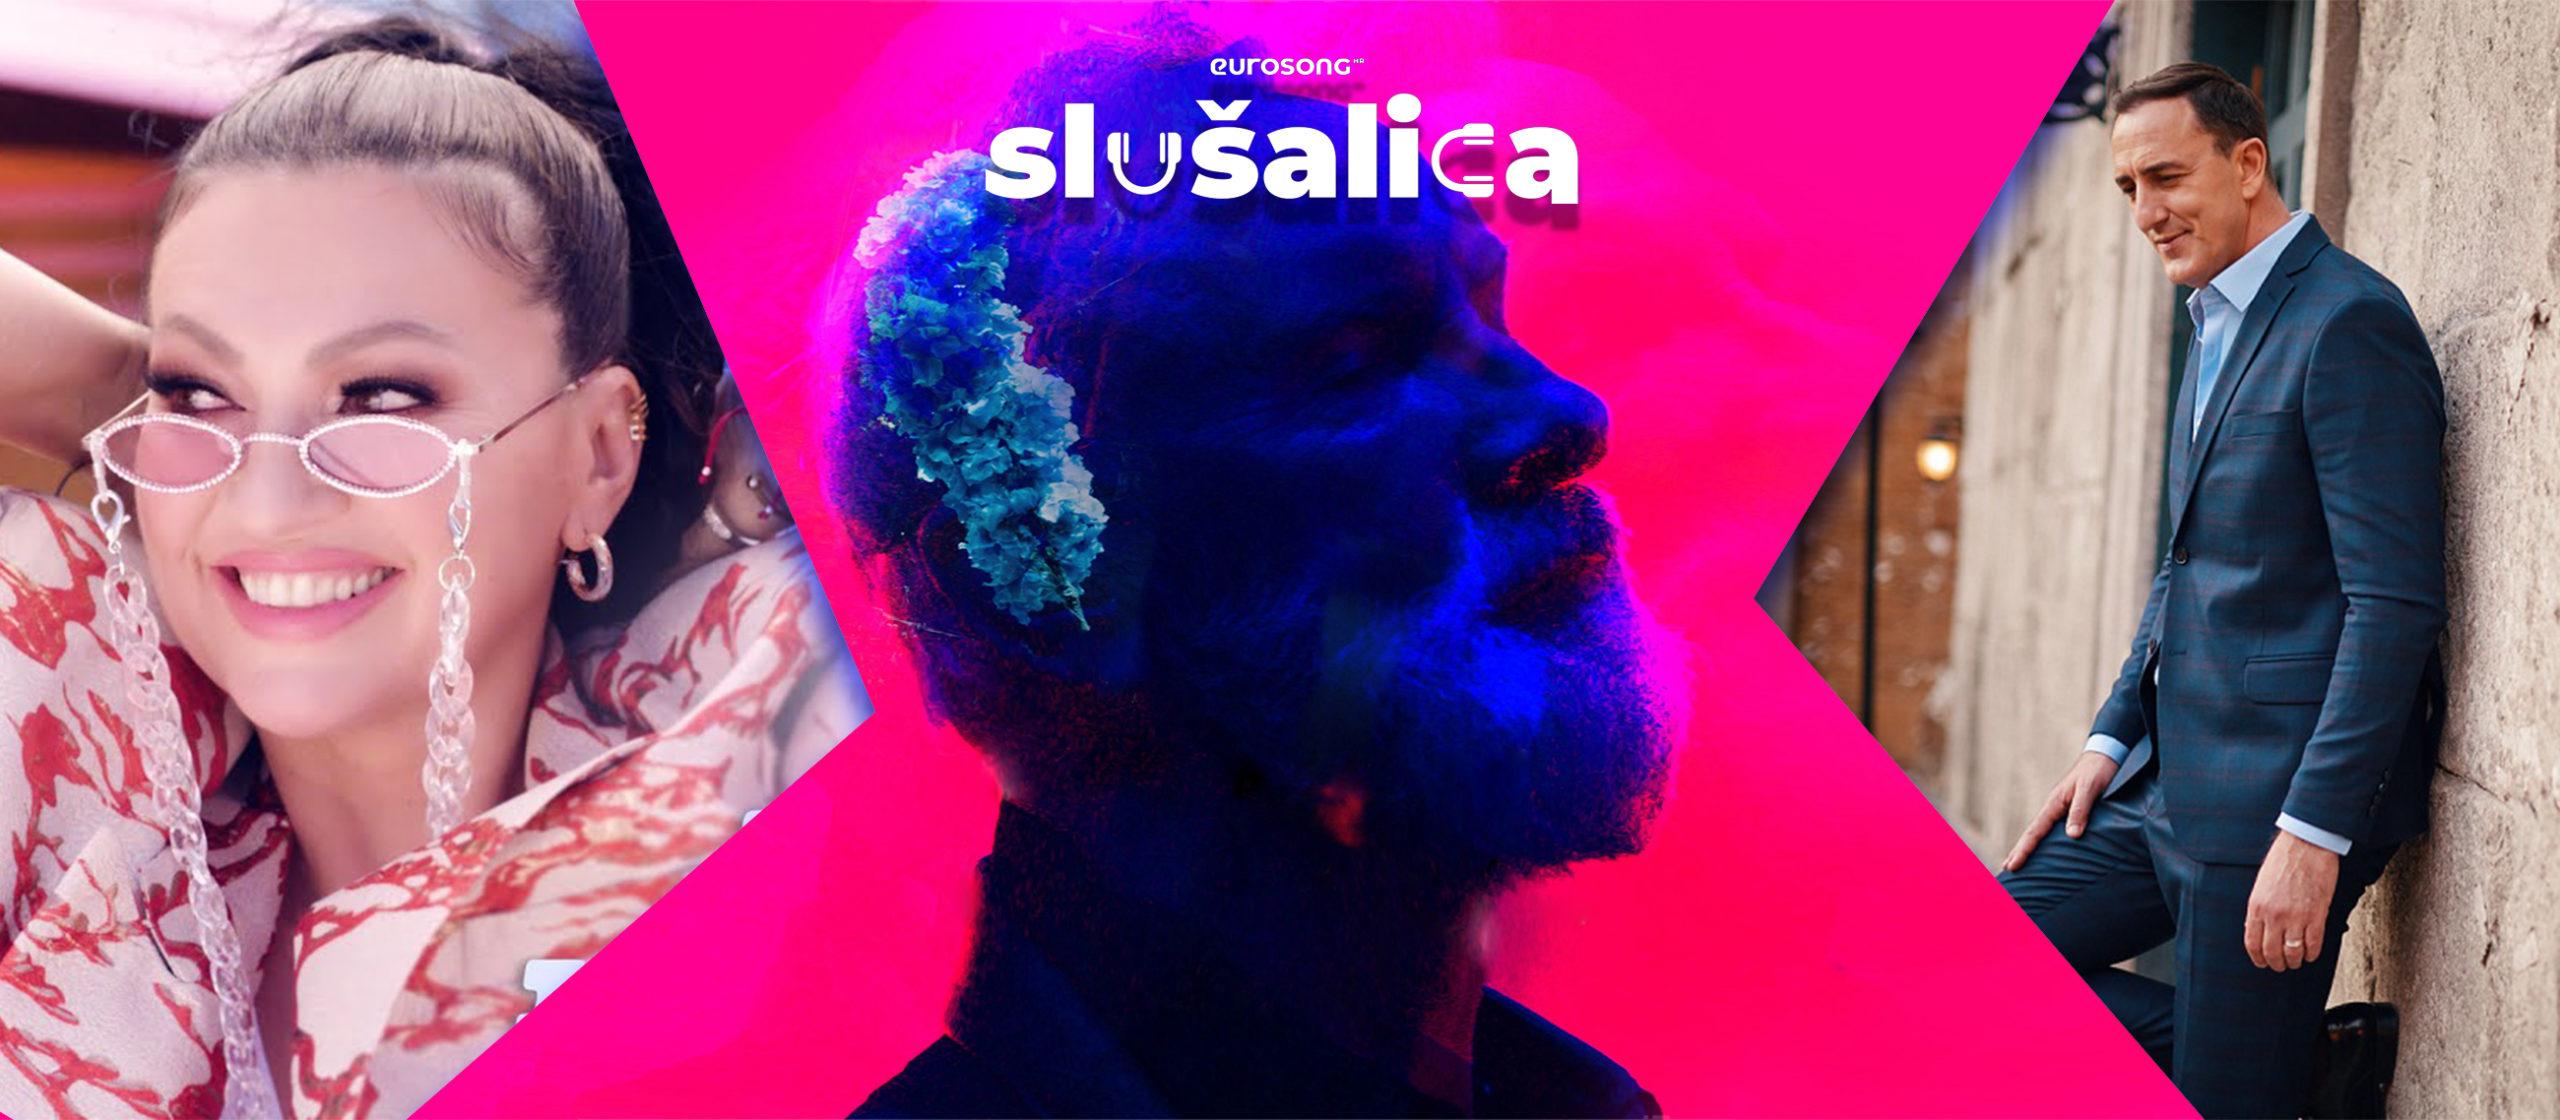 Eurosong Slušalica vizual za domaći hit svibnja/maja 2021, Nina Badrić, Dino Merlin, Sergej Ćetković